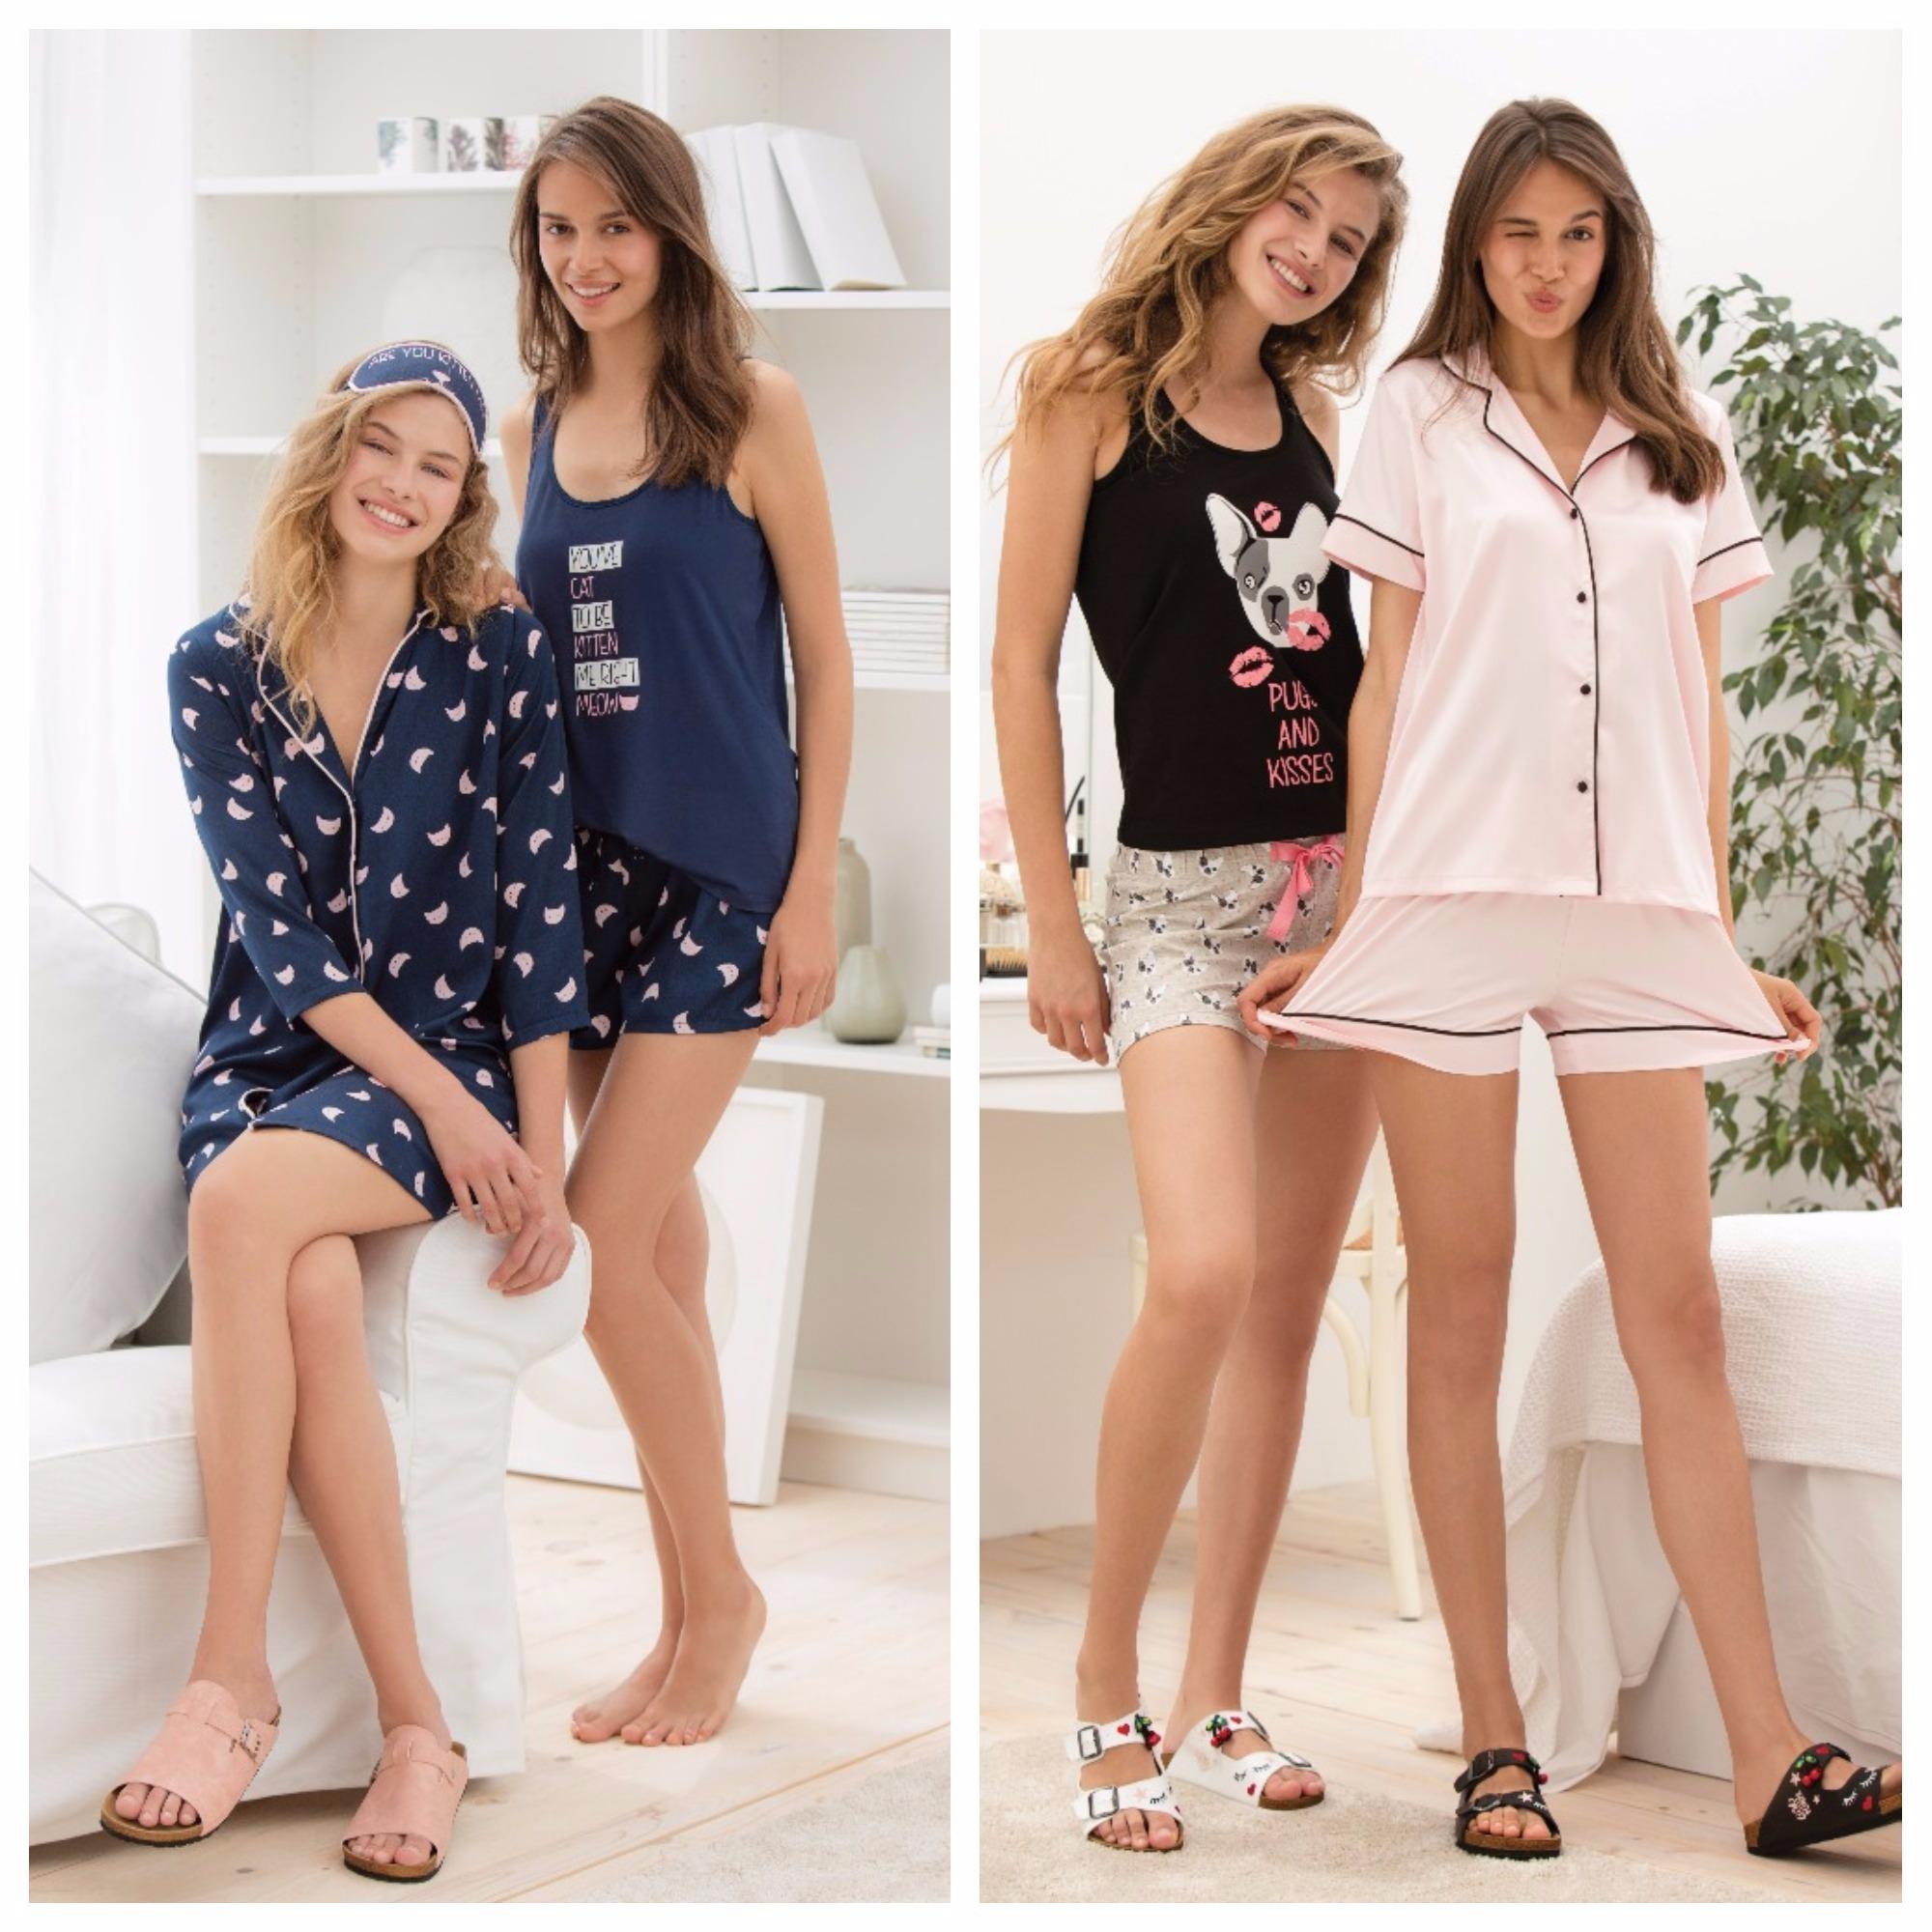 Concurs Penti! Punem la bataie 3 vouchere pentru pijamale comode si sexy